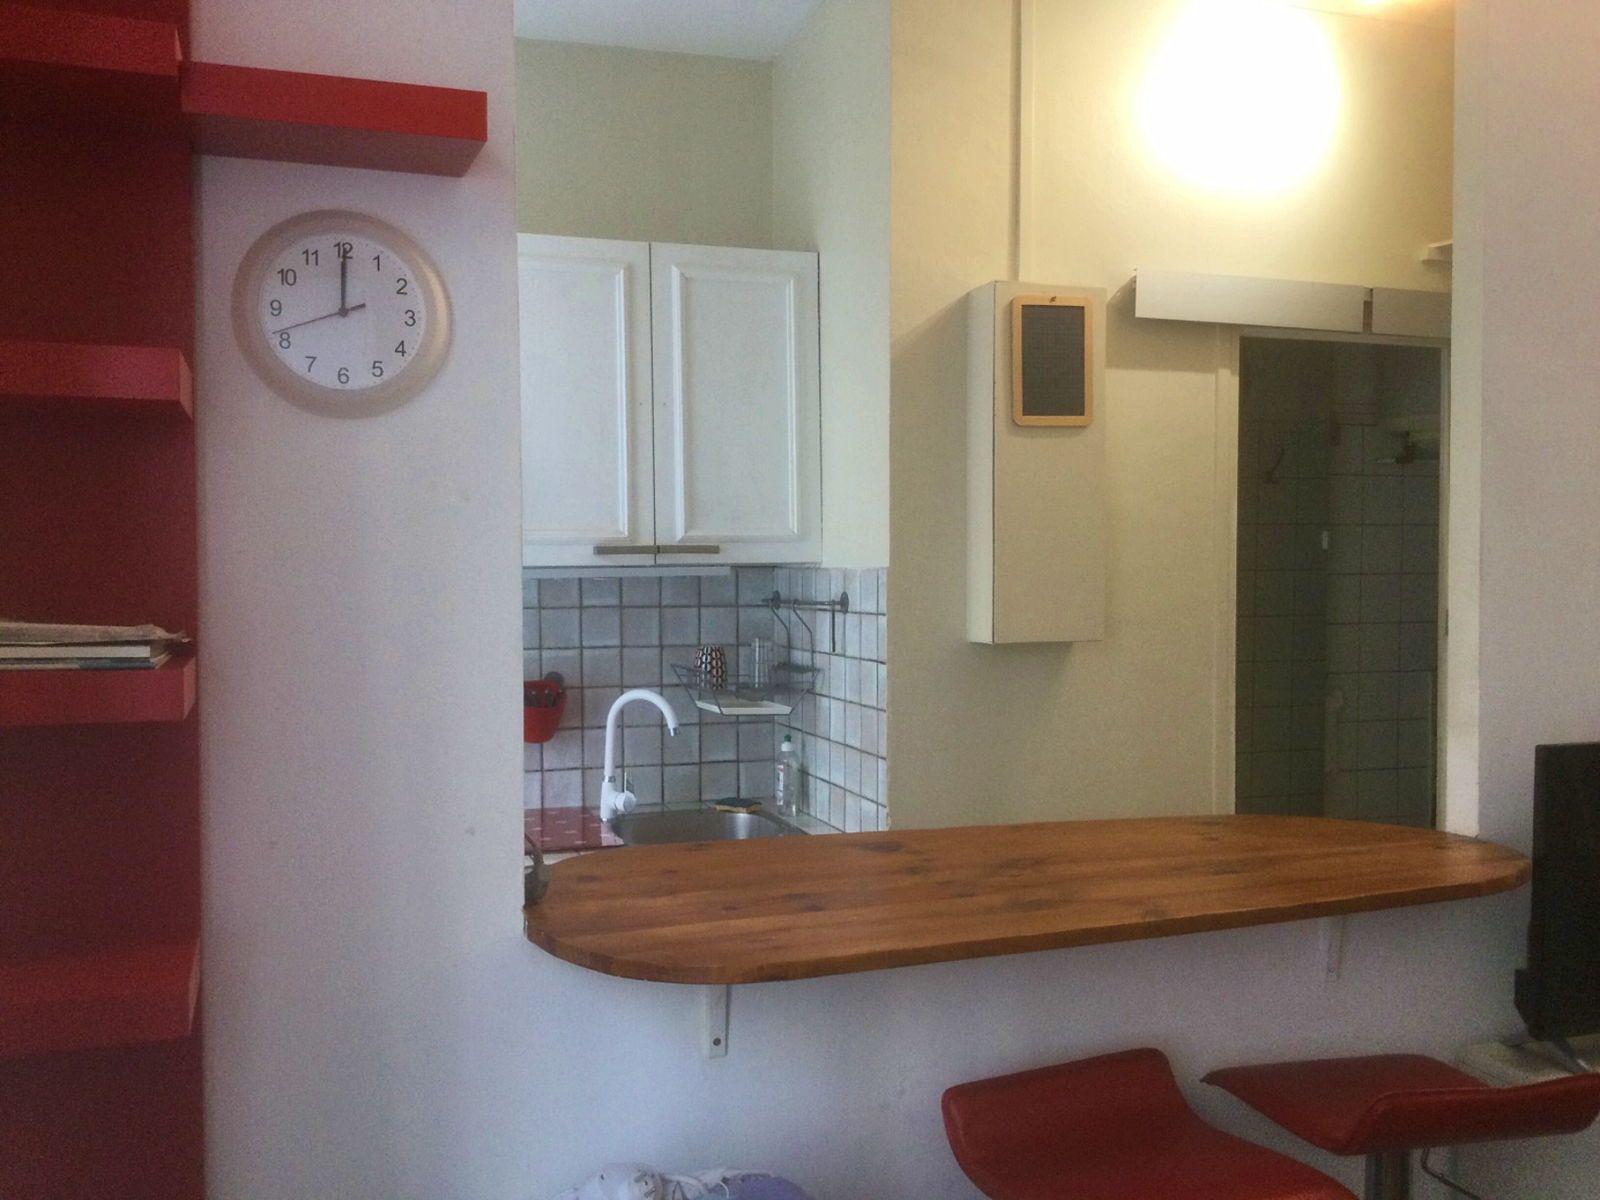 Loue quartier Écrivain Studio rénové, meublé et équipé - 19m² - Montrouge (92120)